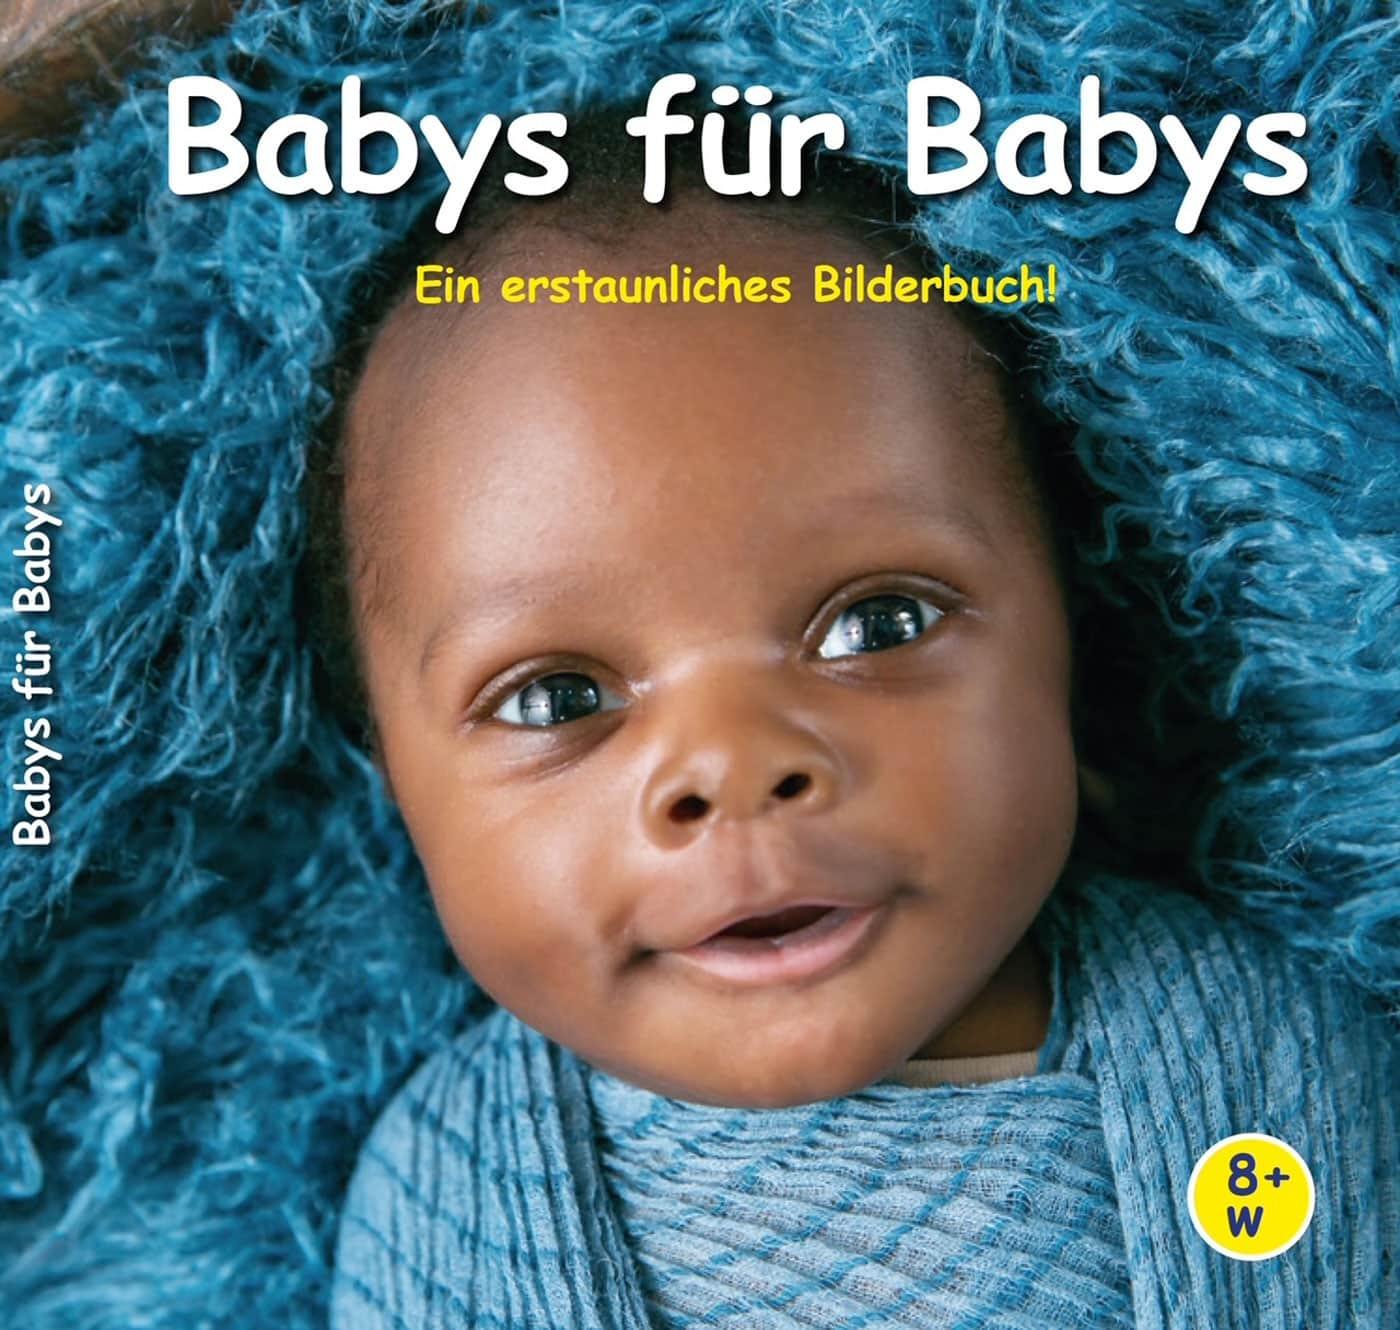 Pappbilderbuch: Babygesichter für Babys // HIMBEER